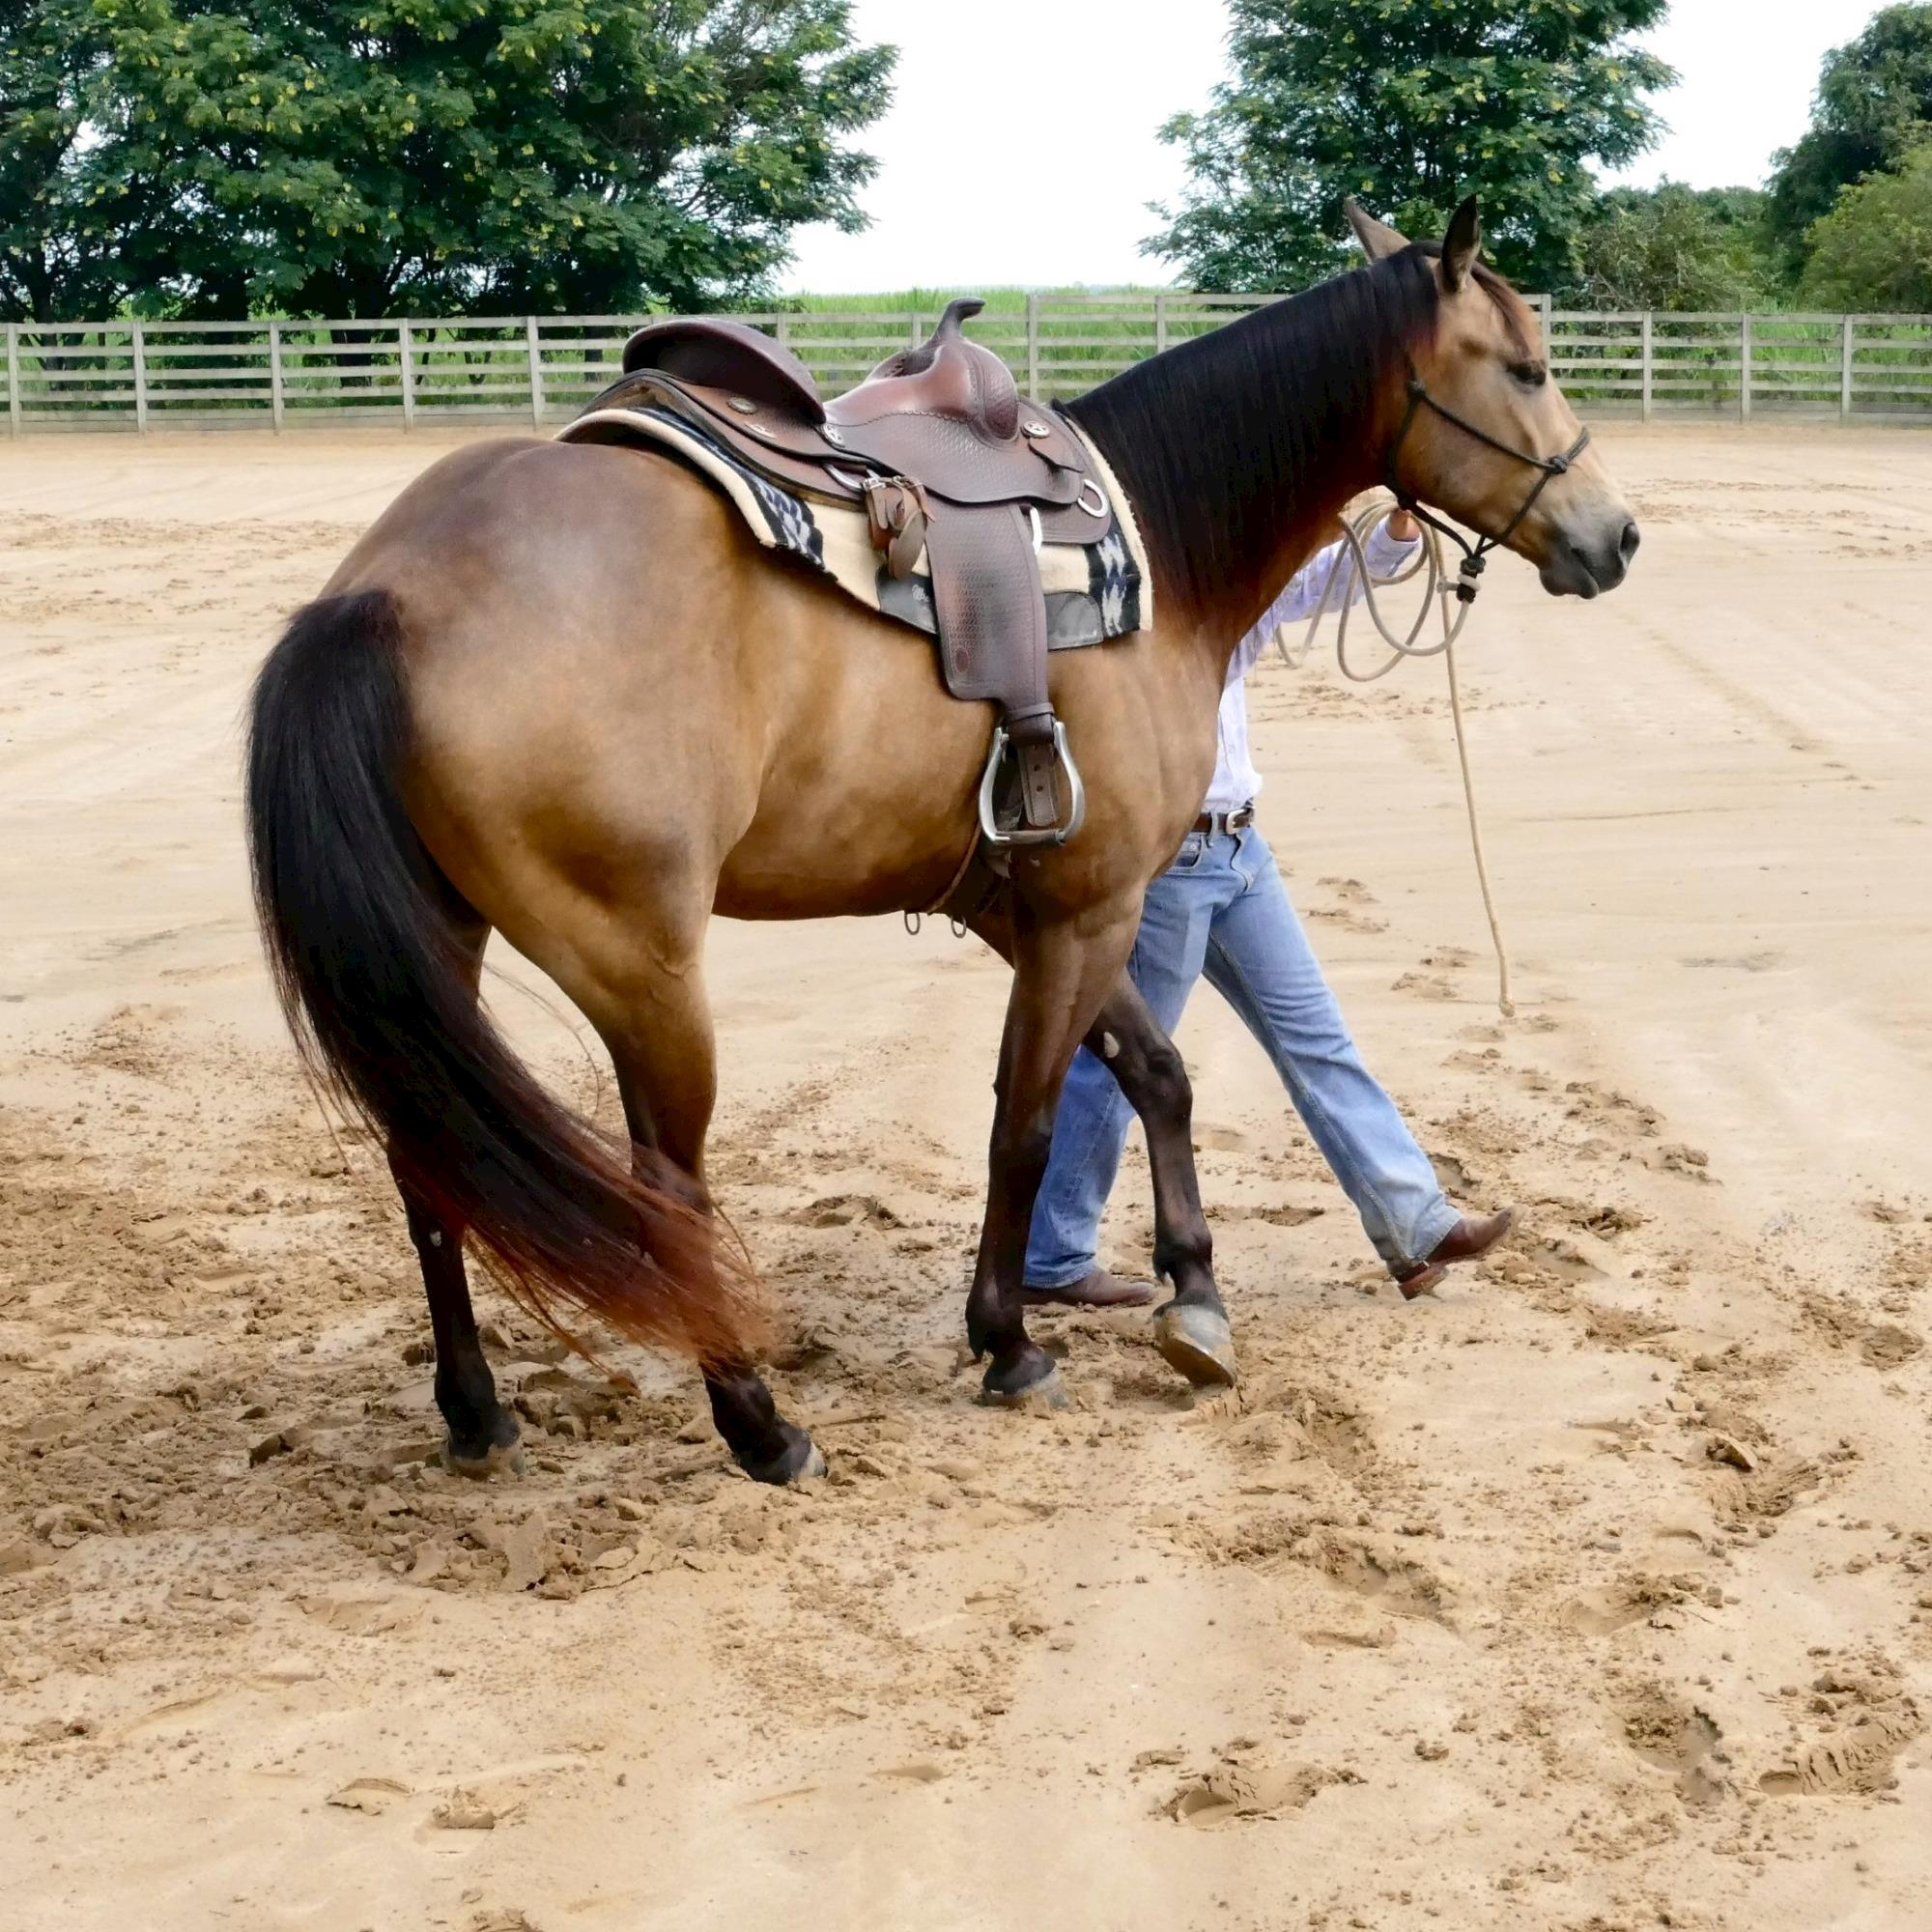 treinamento - Dudi Ometto, horse 95, Rédeas, Doma, Eduardo Borba